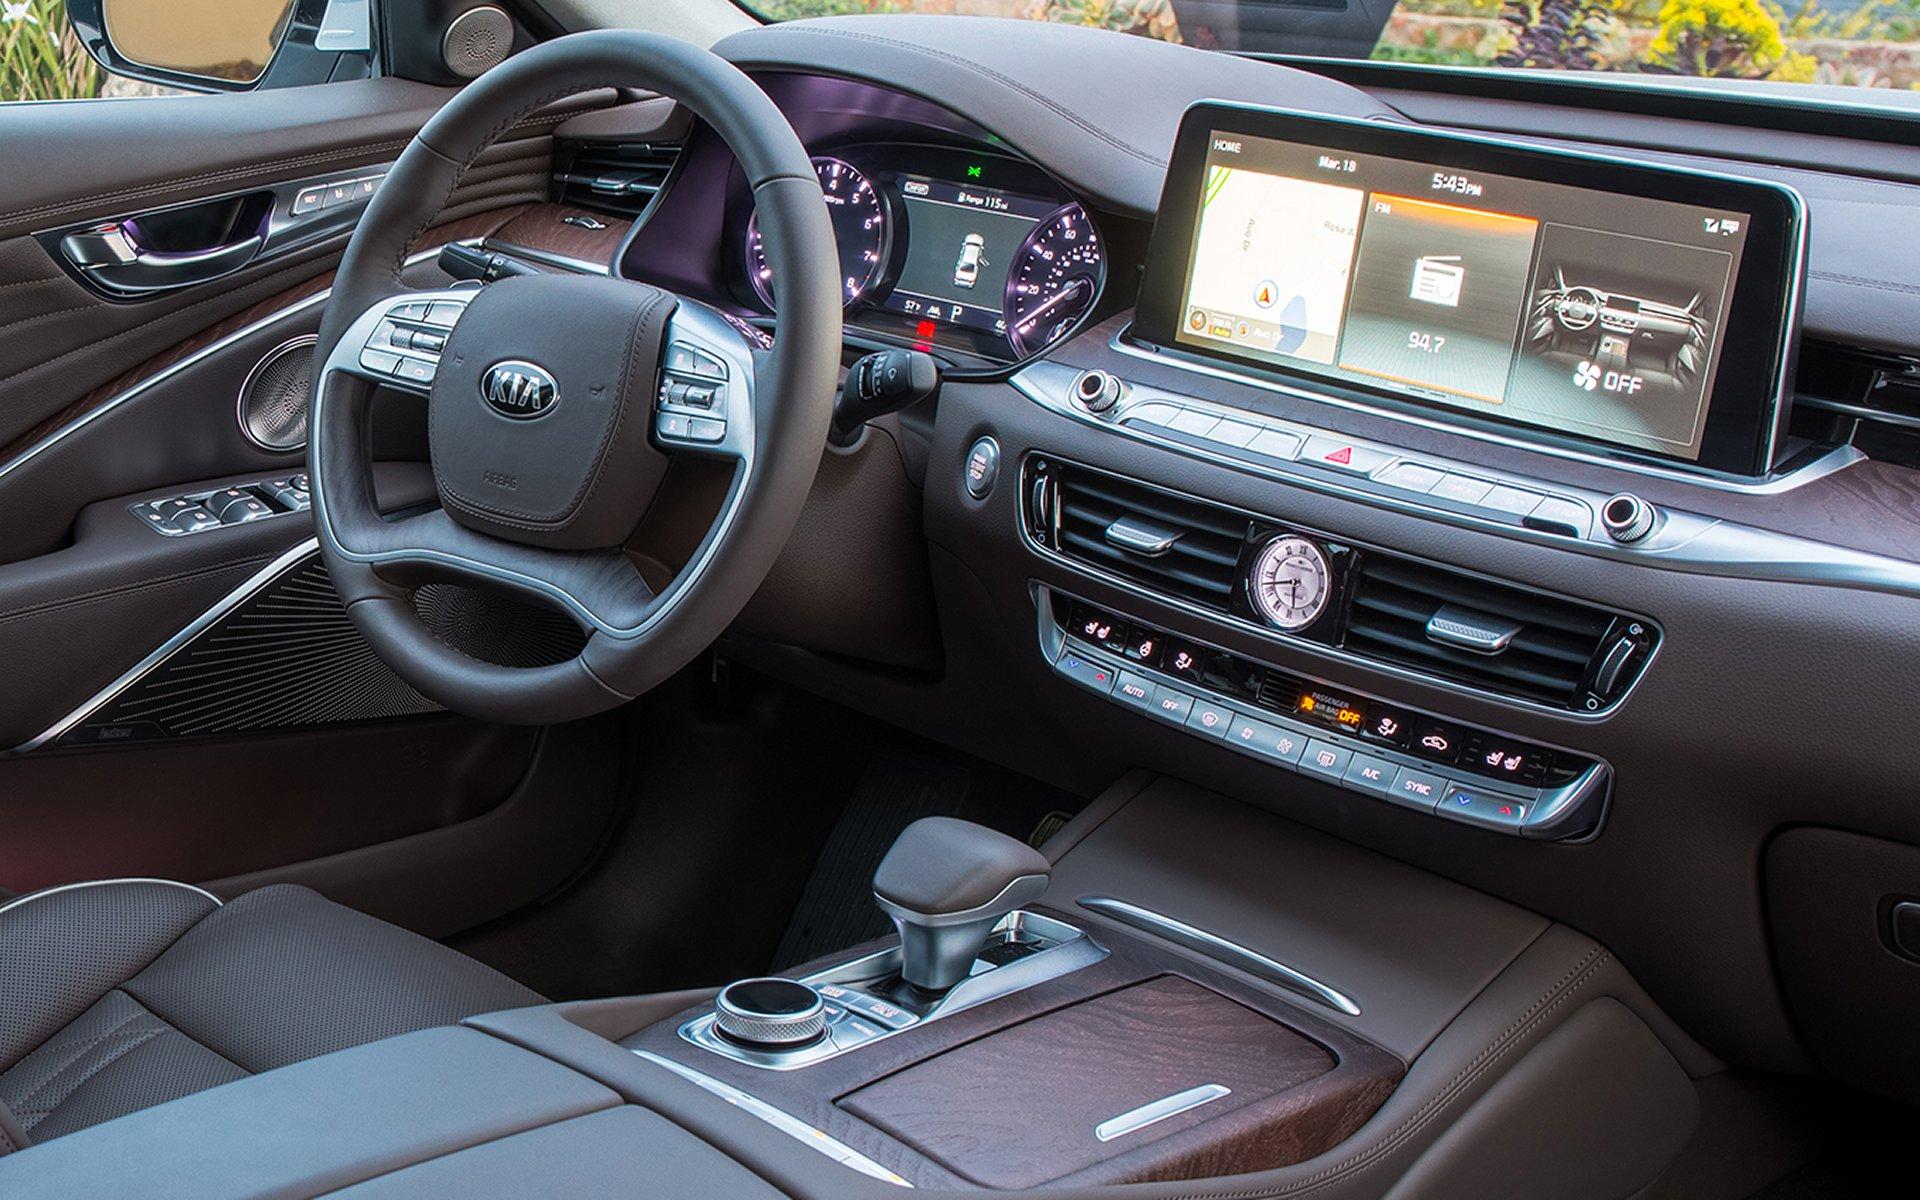 2019 Kia K900 Center Console